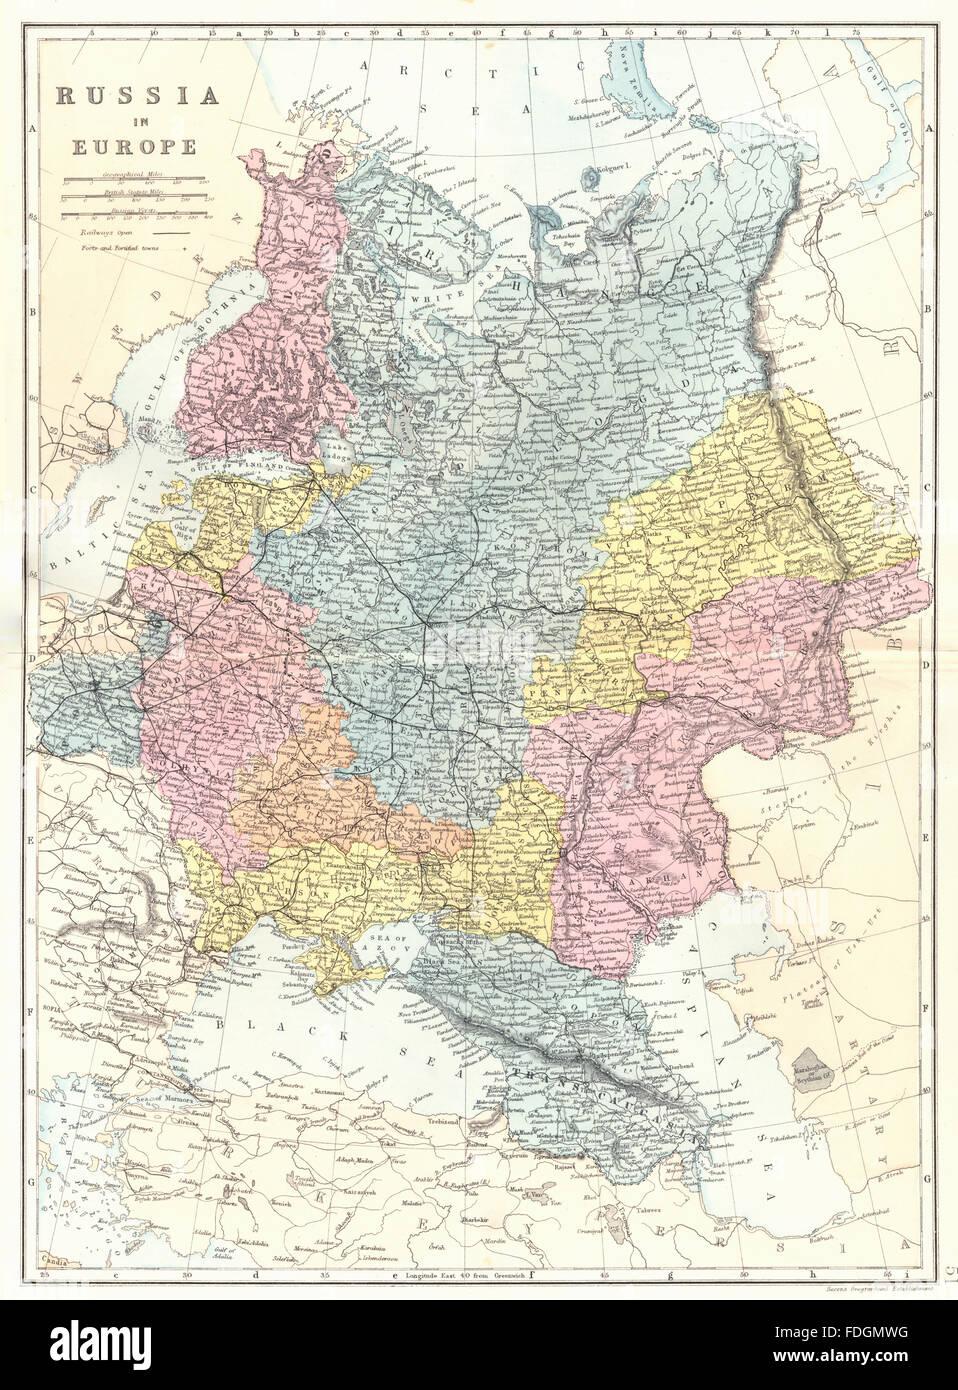 Cartina Geografica Russia Ucraina.La Russia In Europa Ucraina Bielorussia Lituania Lettonia Estonia Bacon 1895 Mappa Foto Stock Alamy